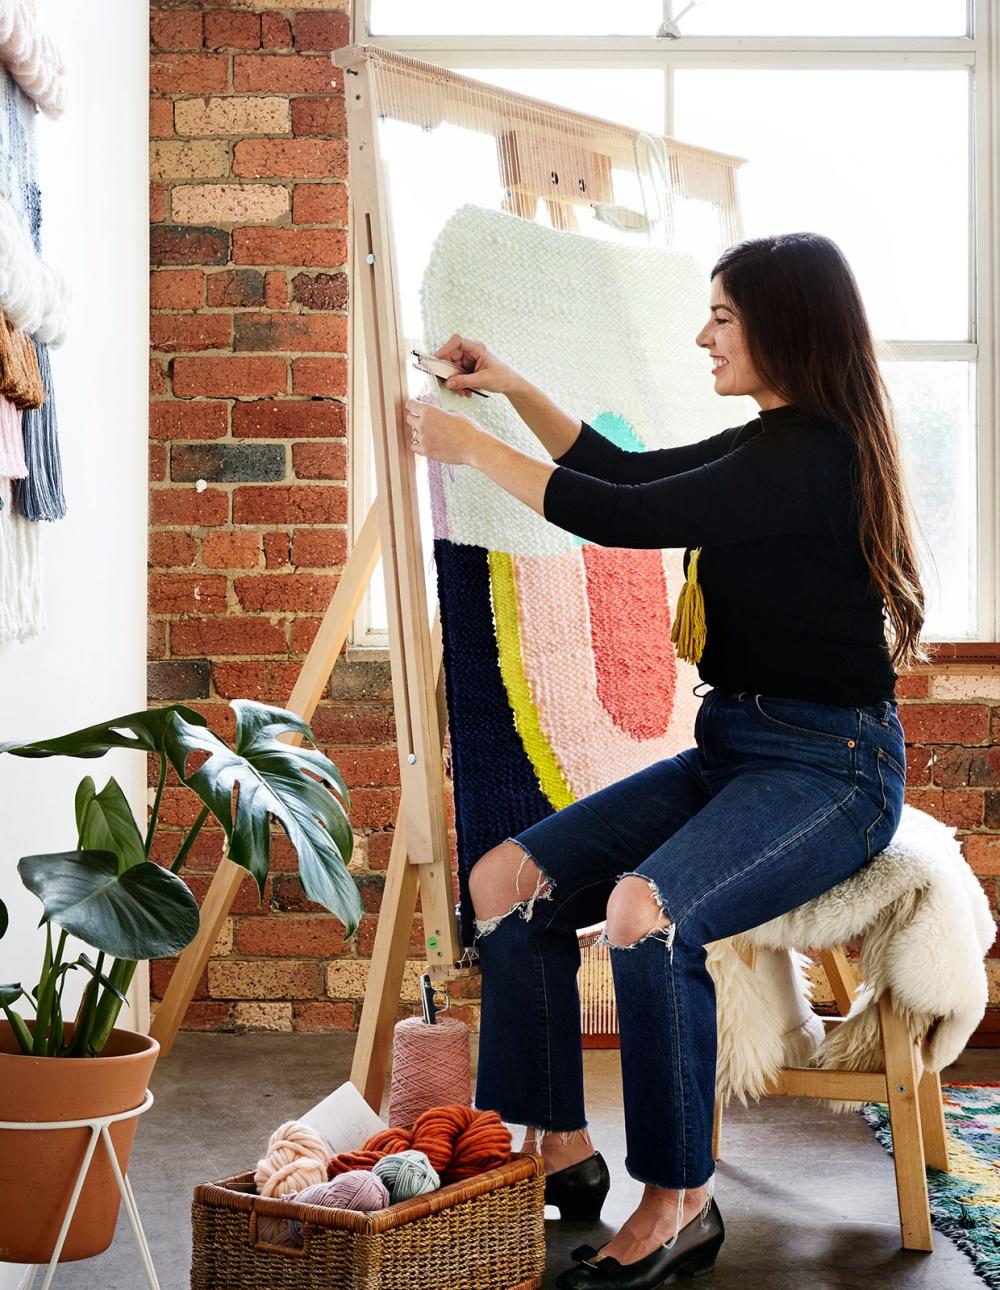 maryanne moodie - Weaving artist